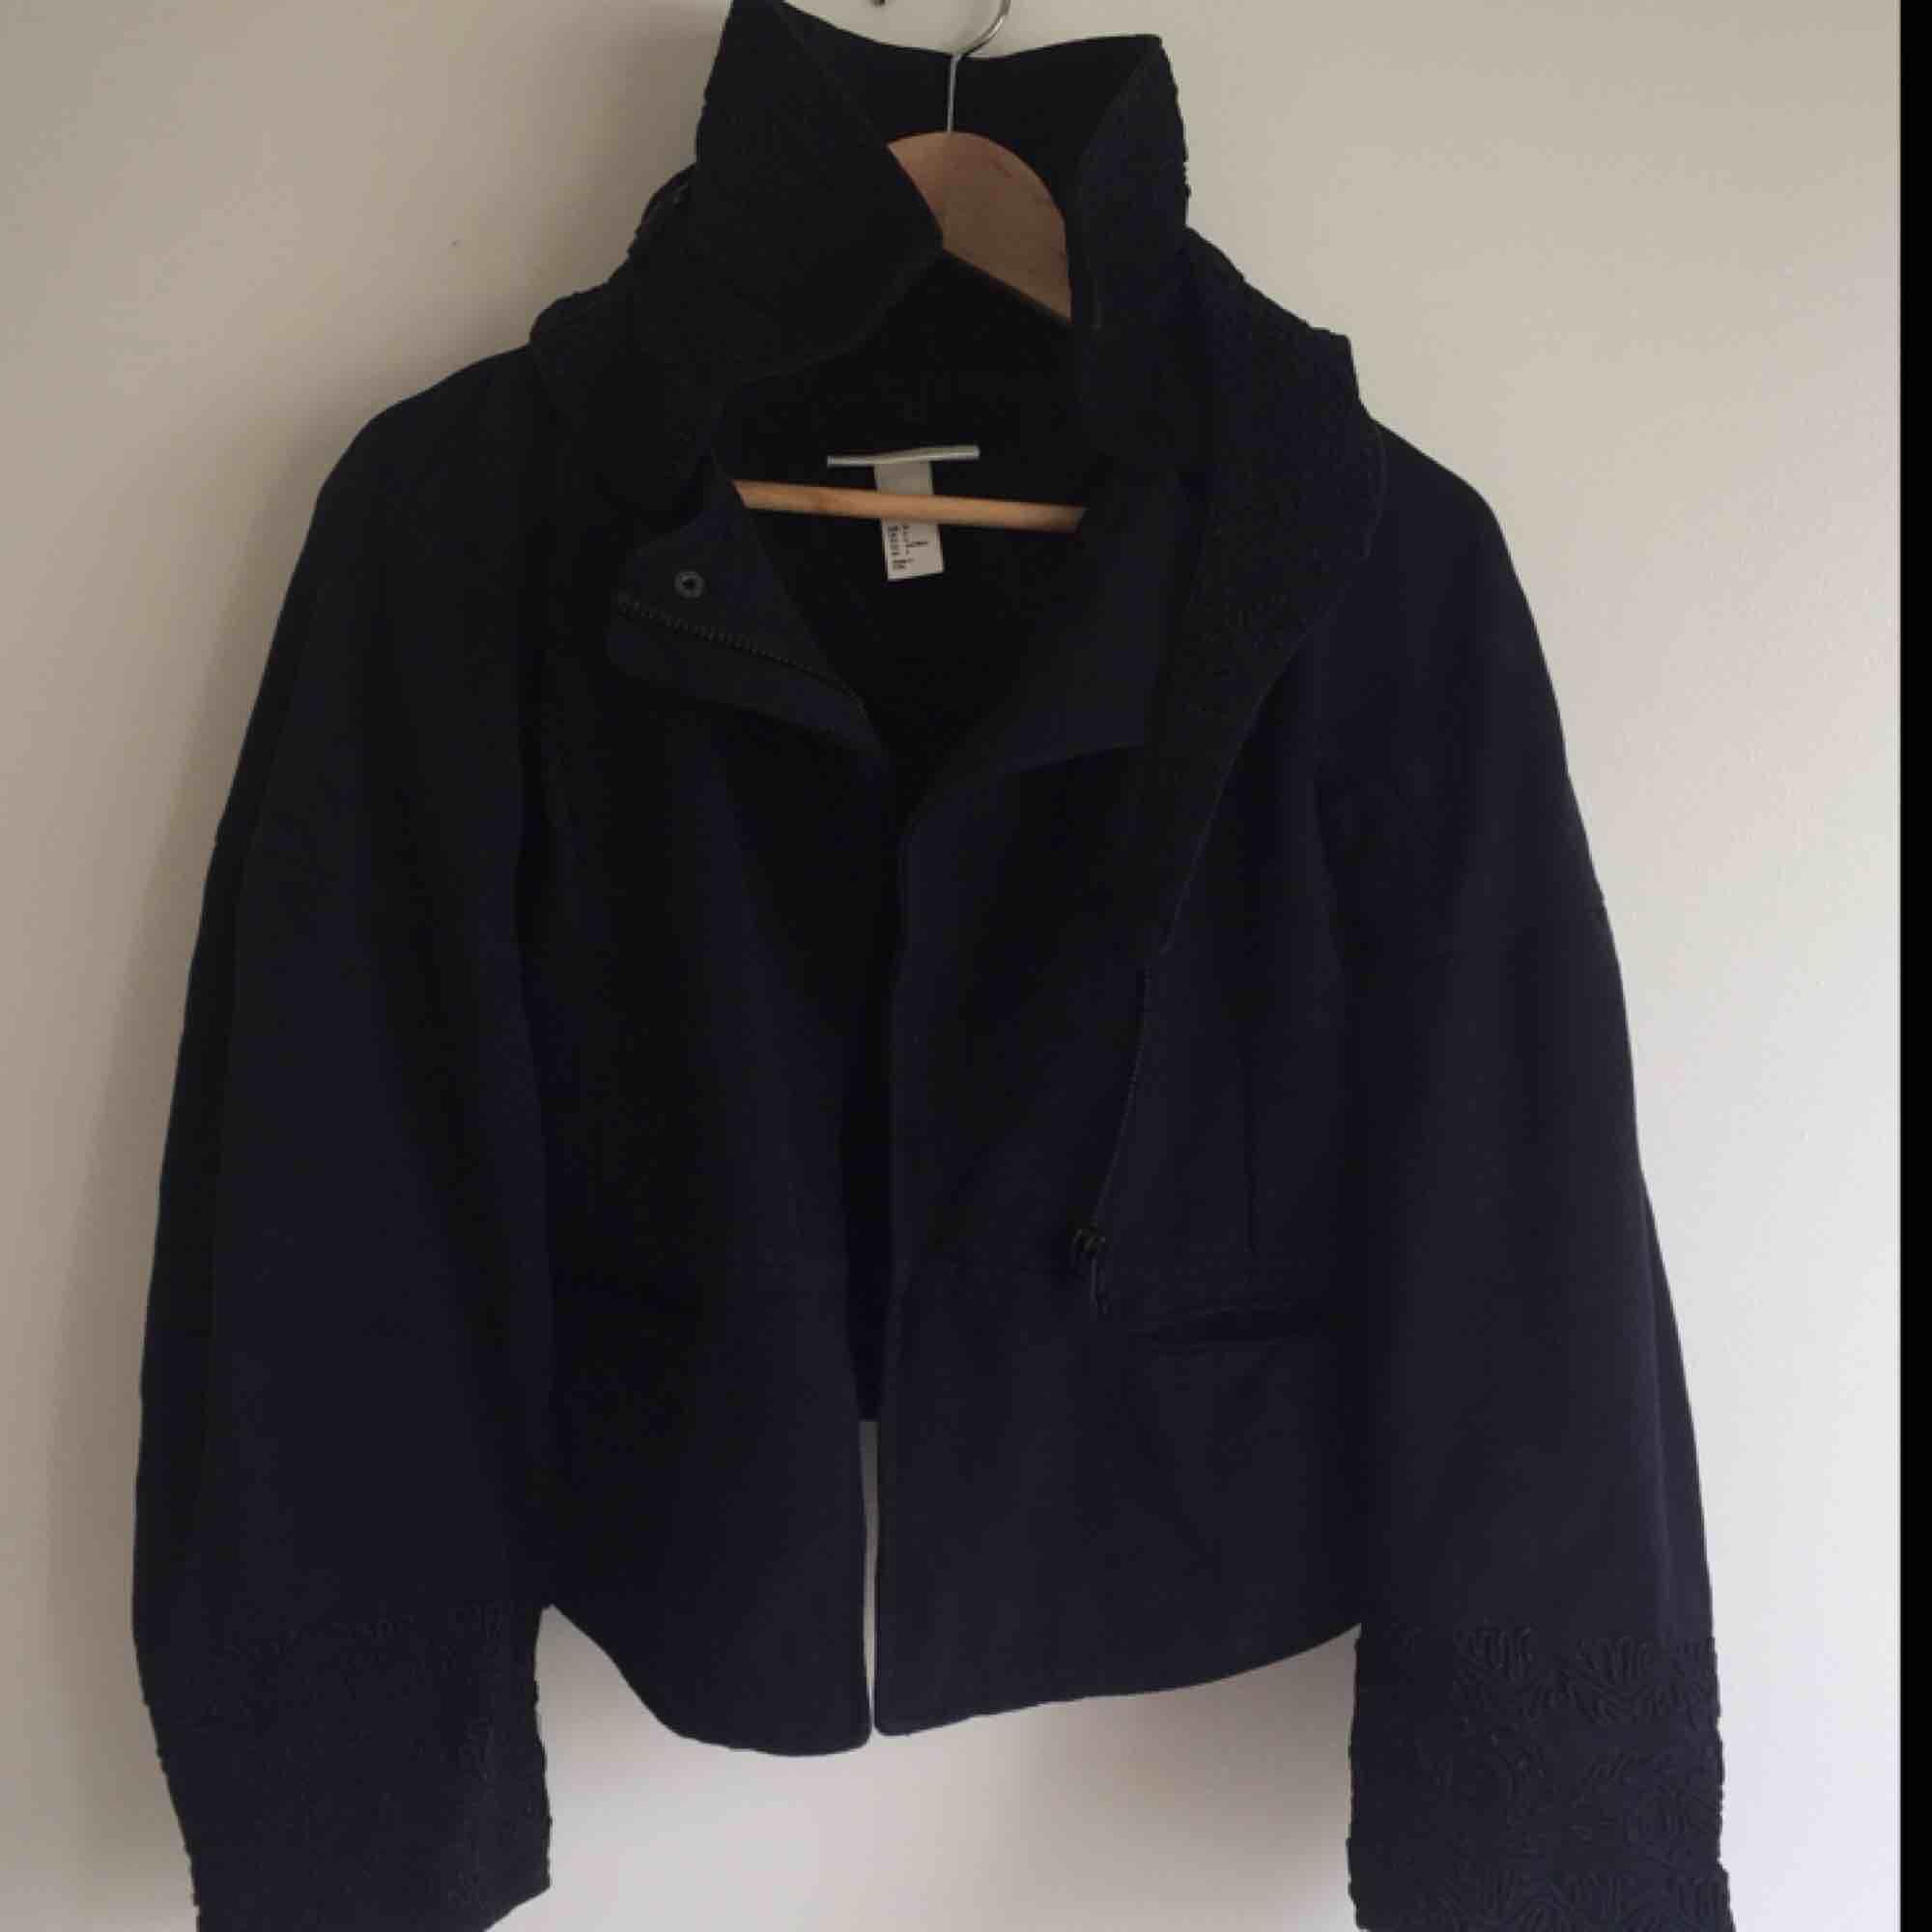 Broderad jacka/kappa/kofta från H&M Conscious Exclusive collection, använd men i fint skick! Storlek 34.. Jackor.